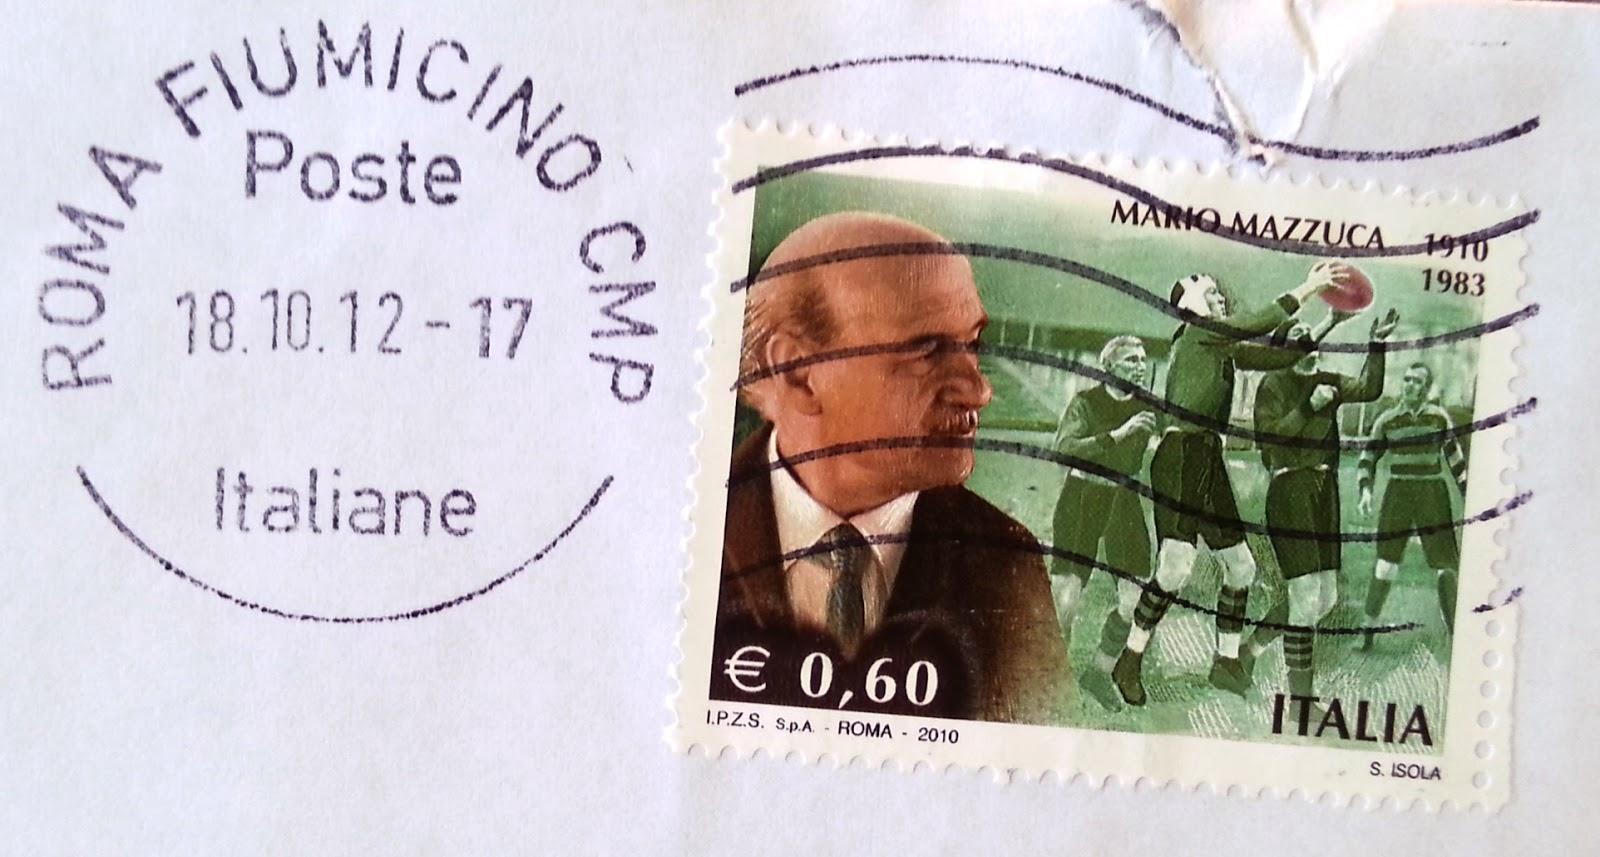 Mario Mazzuca francobollo